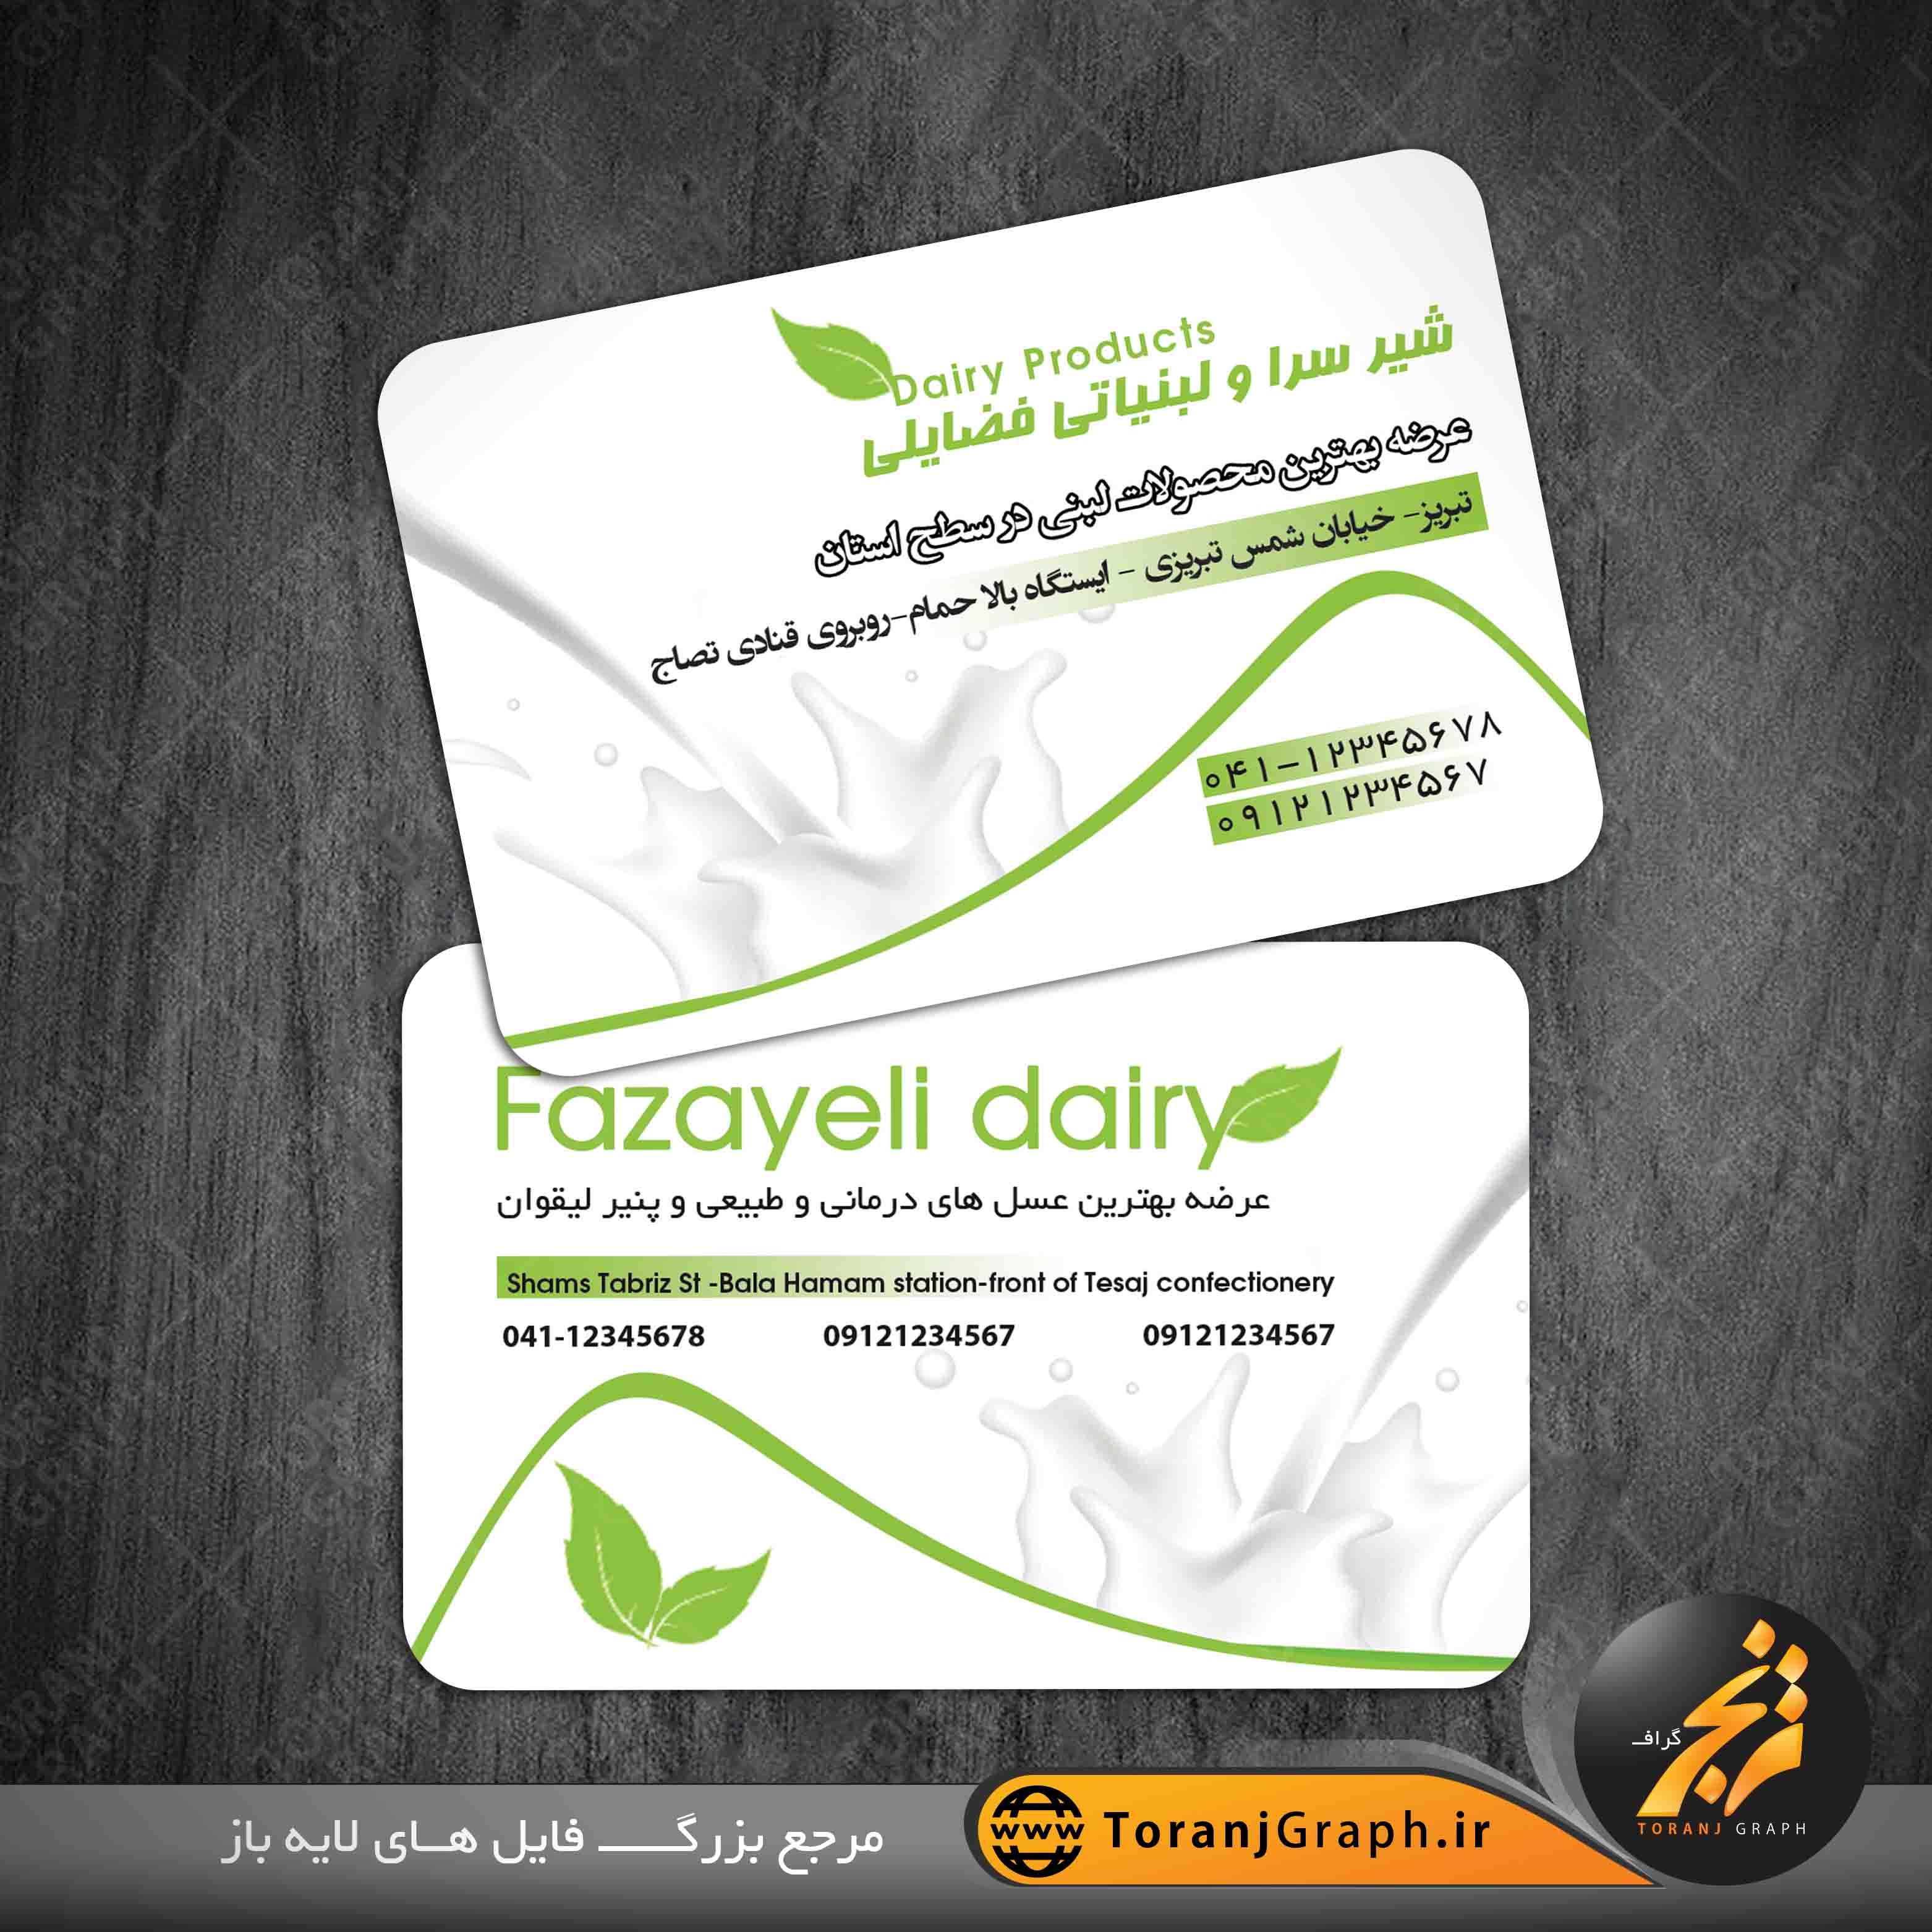 دانلود کارت ویزیت لایه باز لبنیاتی